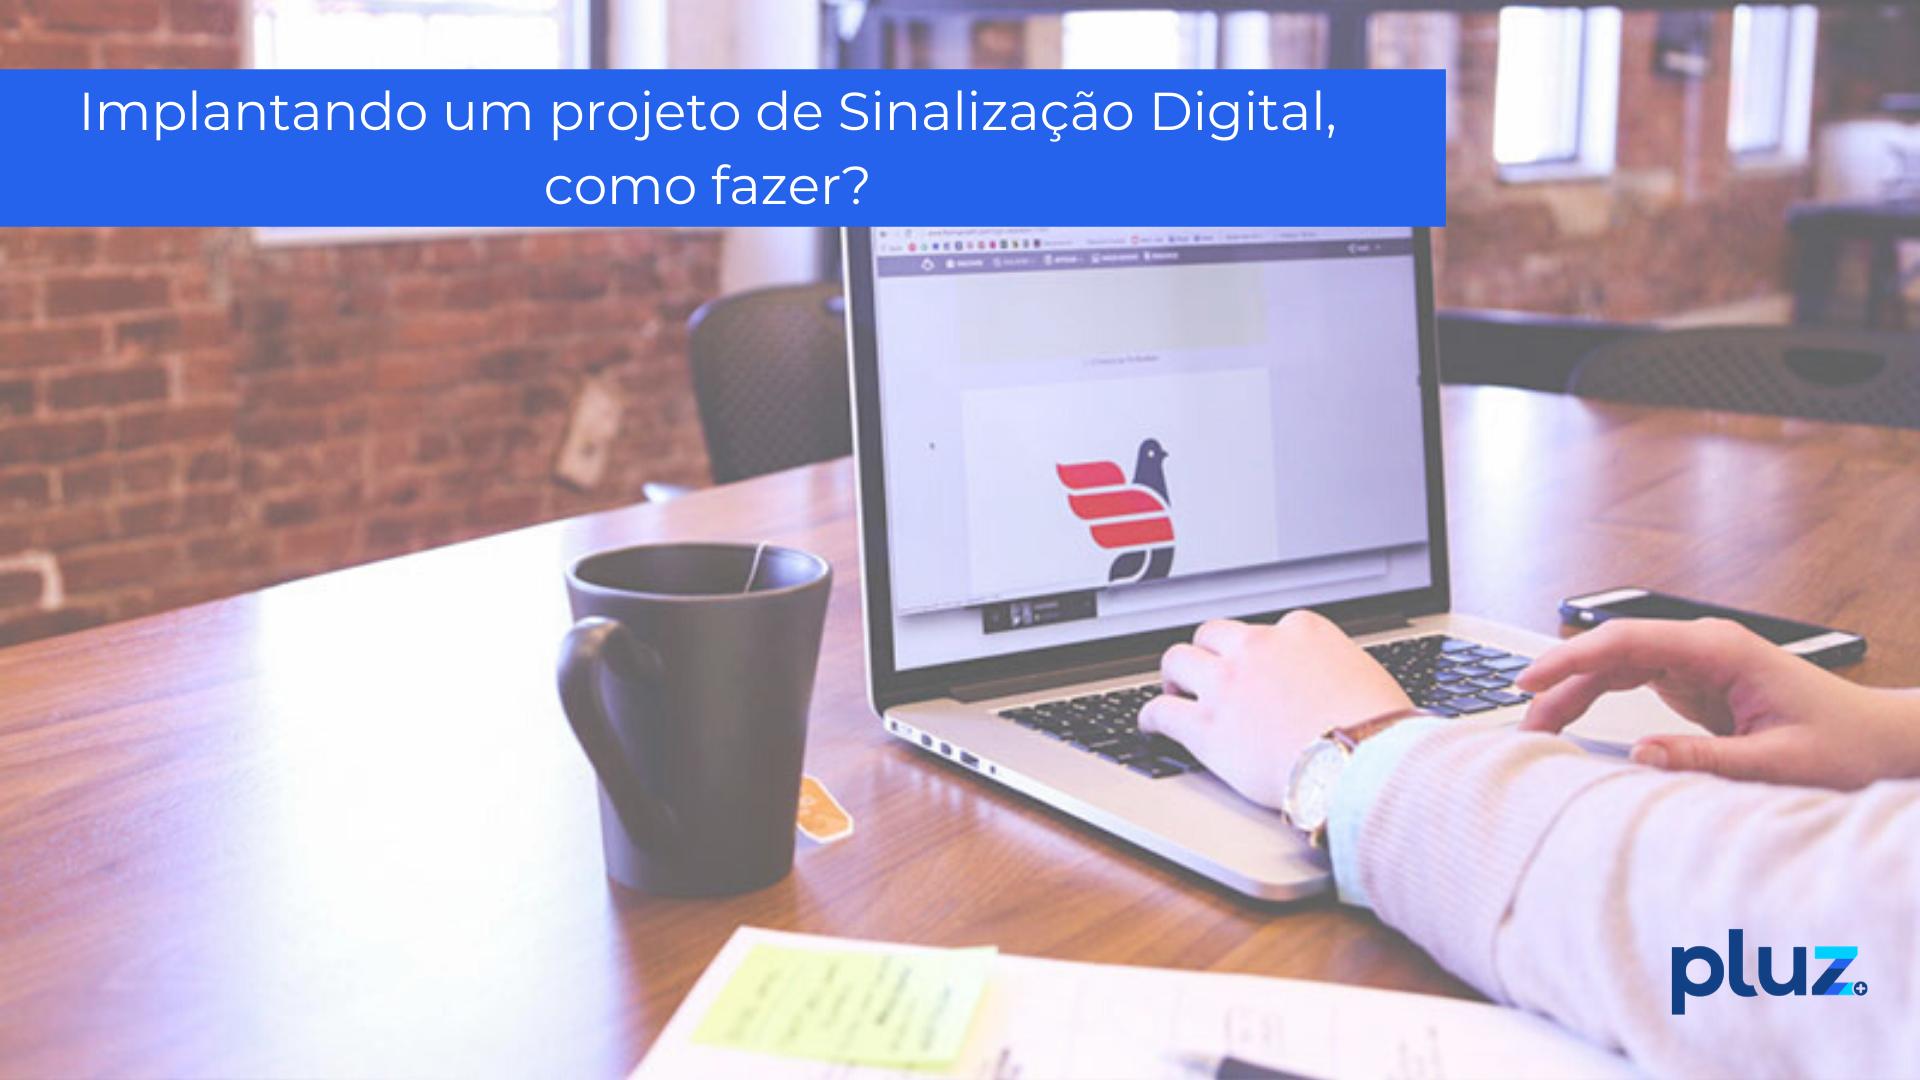 Implantando um projeto de Sinalização Digital, como fazer?